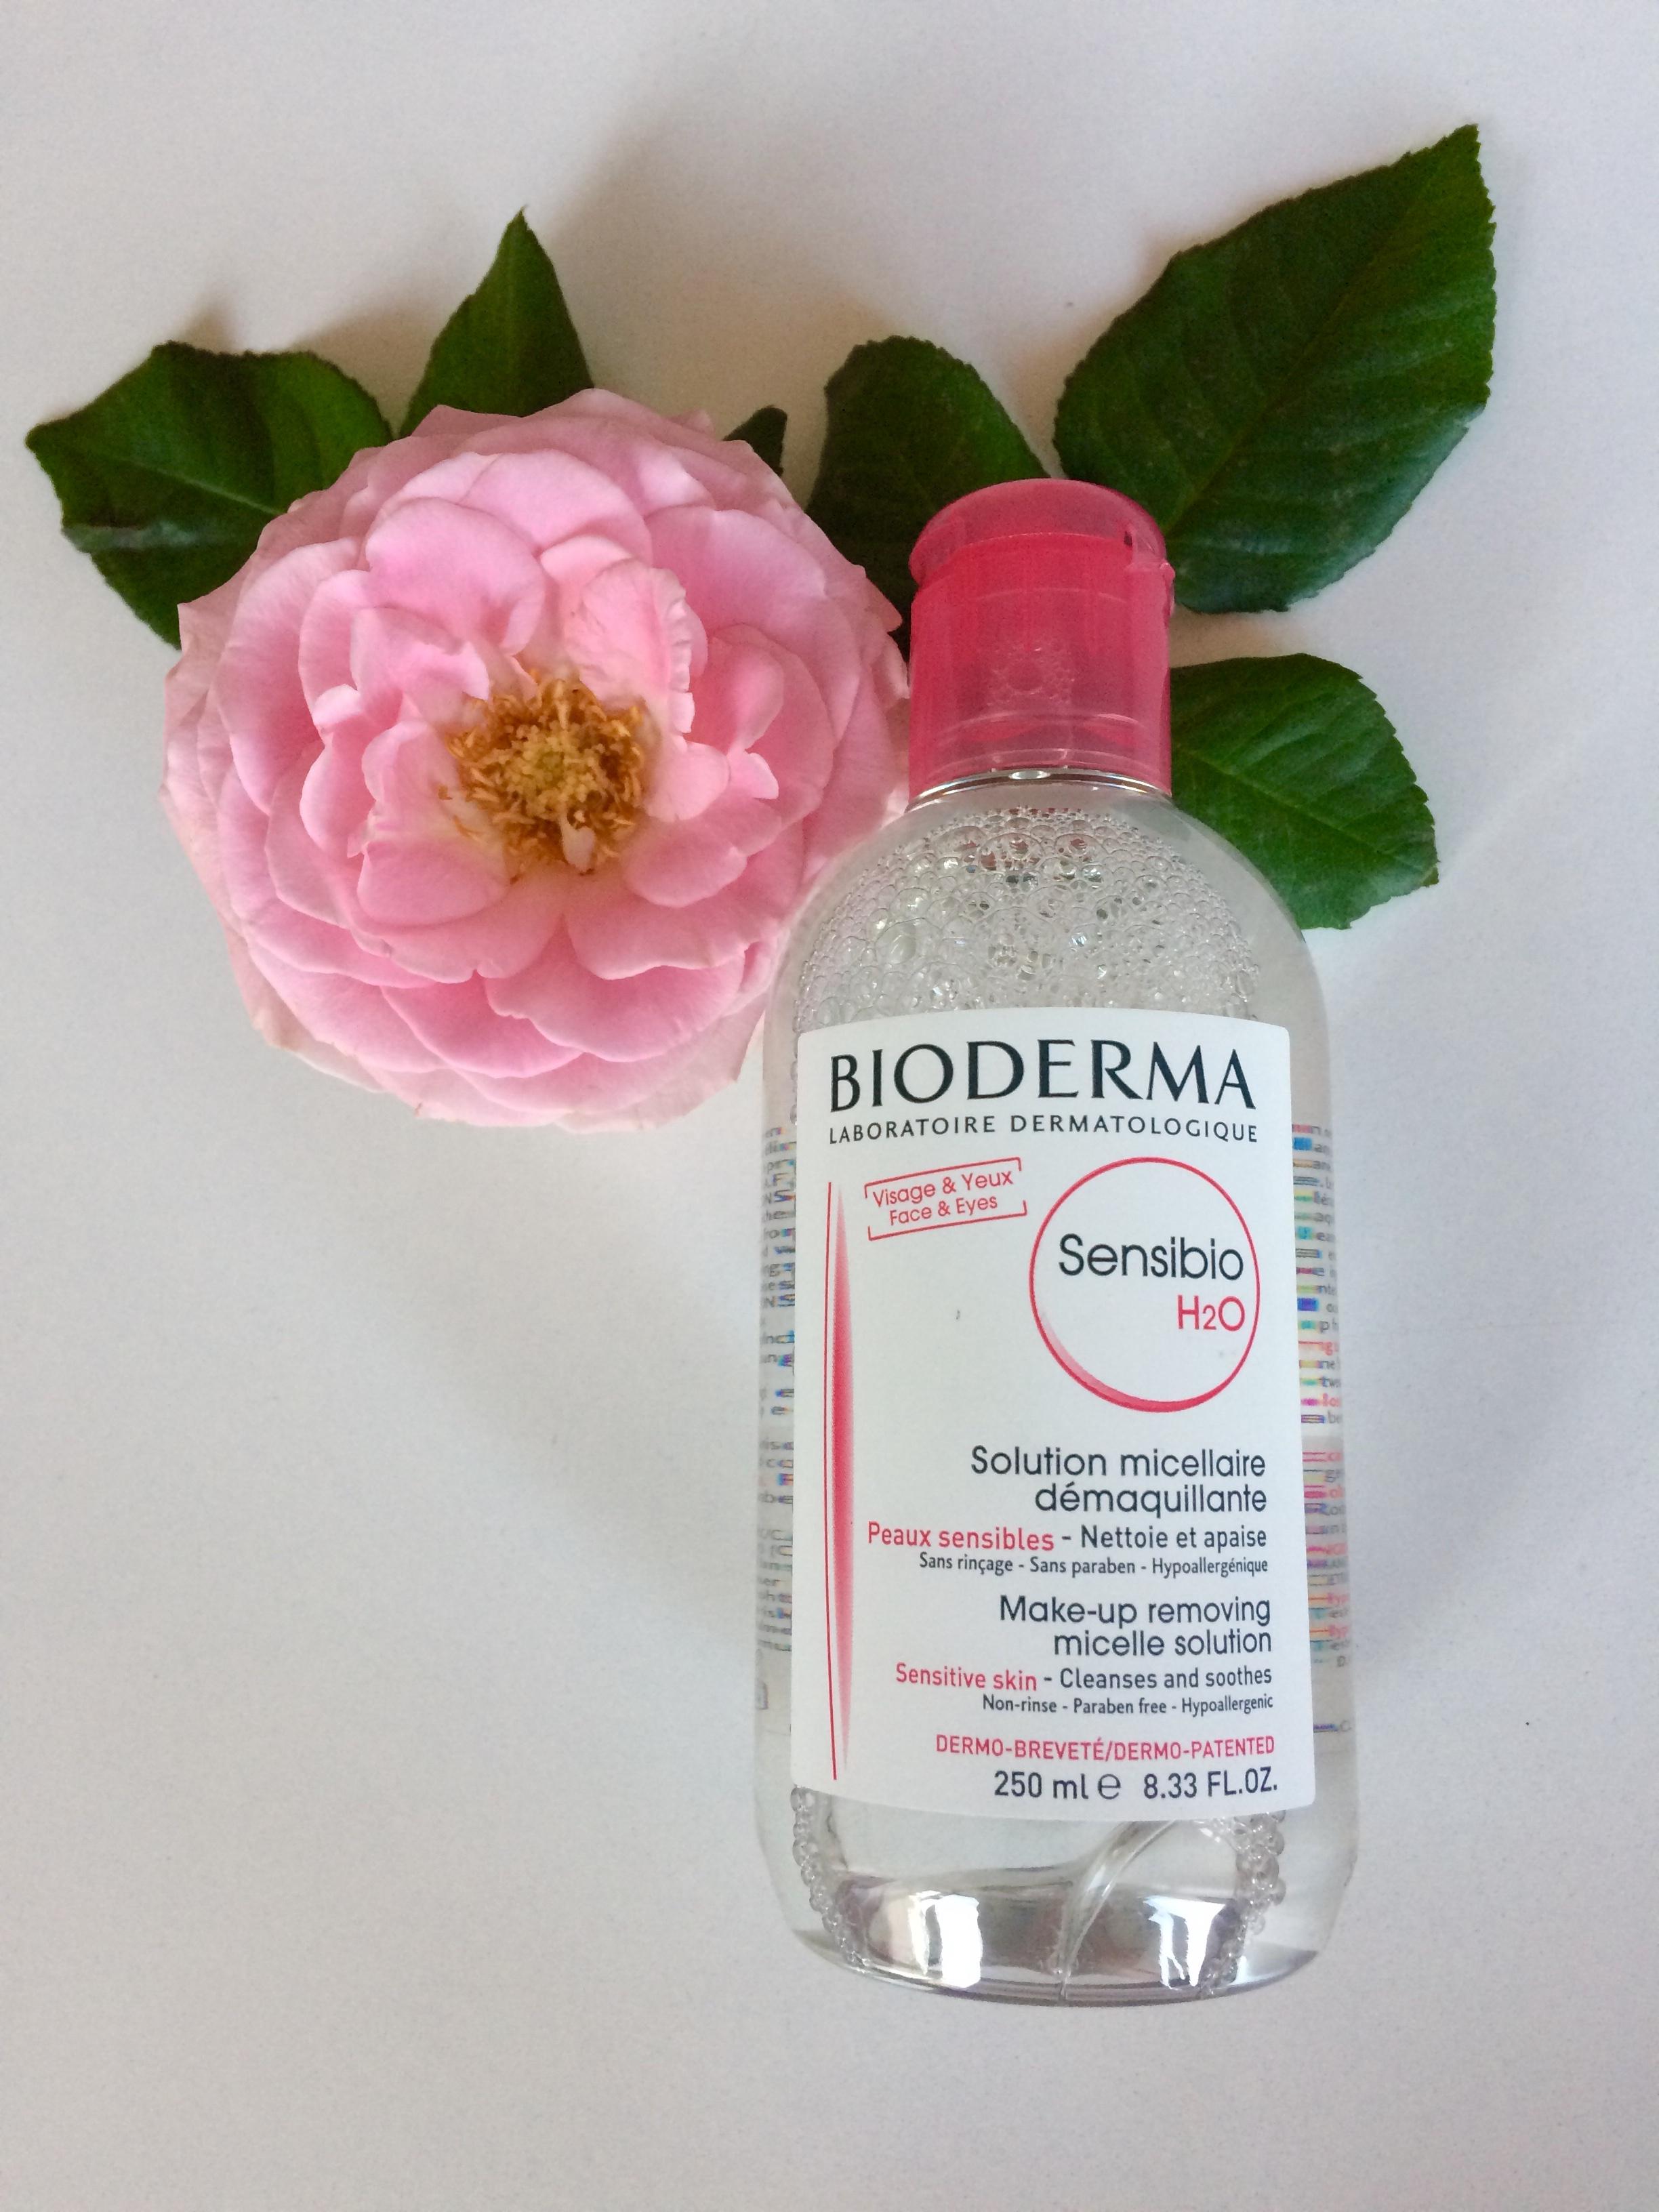 bioderma3.jpg